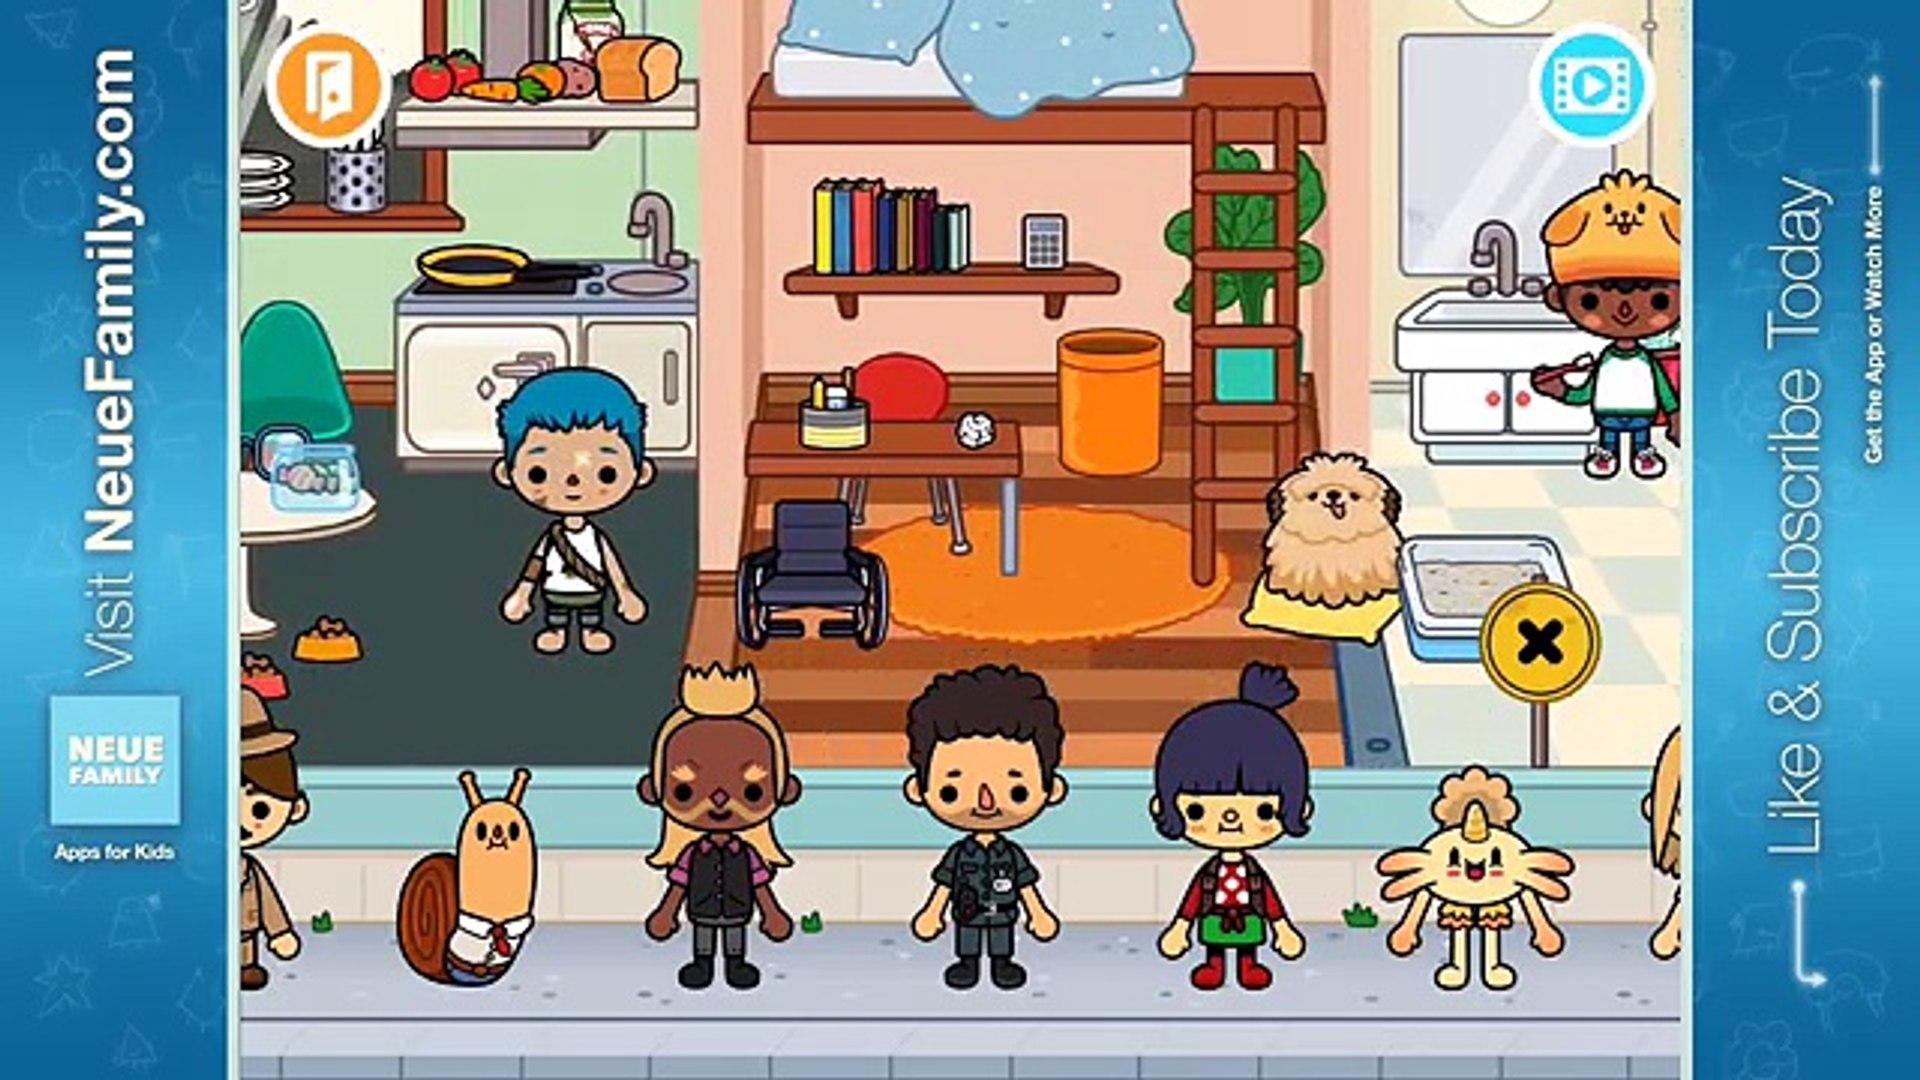 Toca Life School: Activity App for Kids